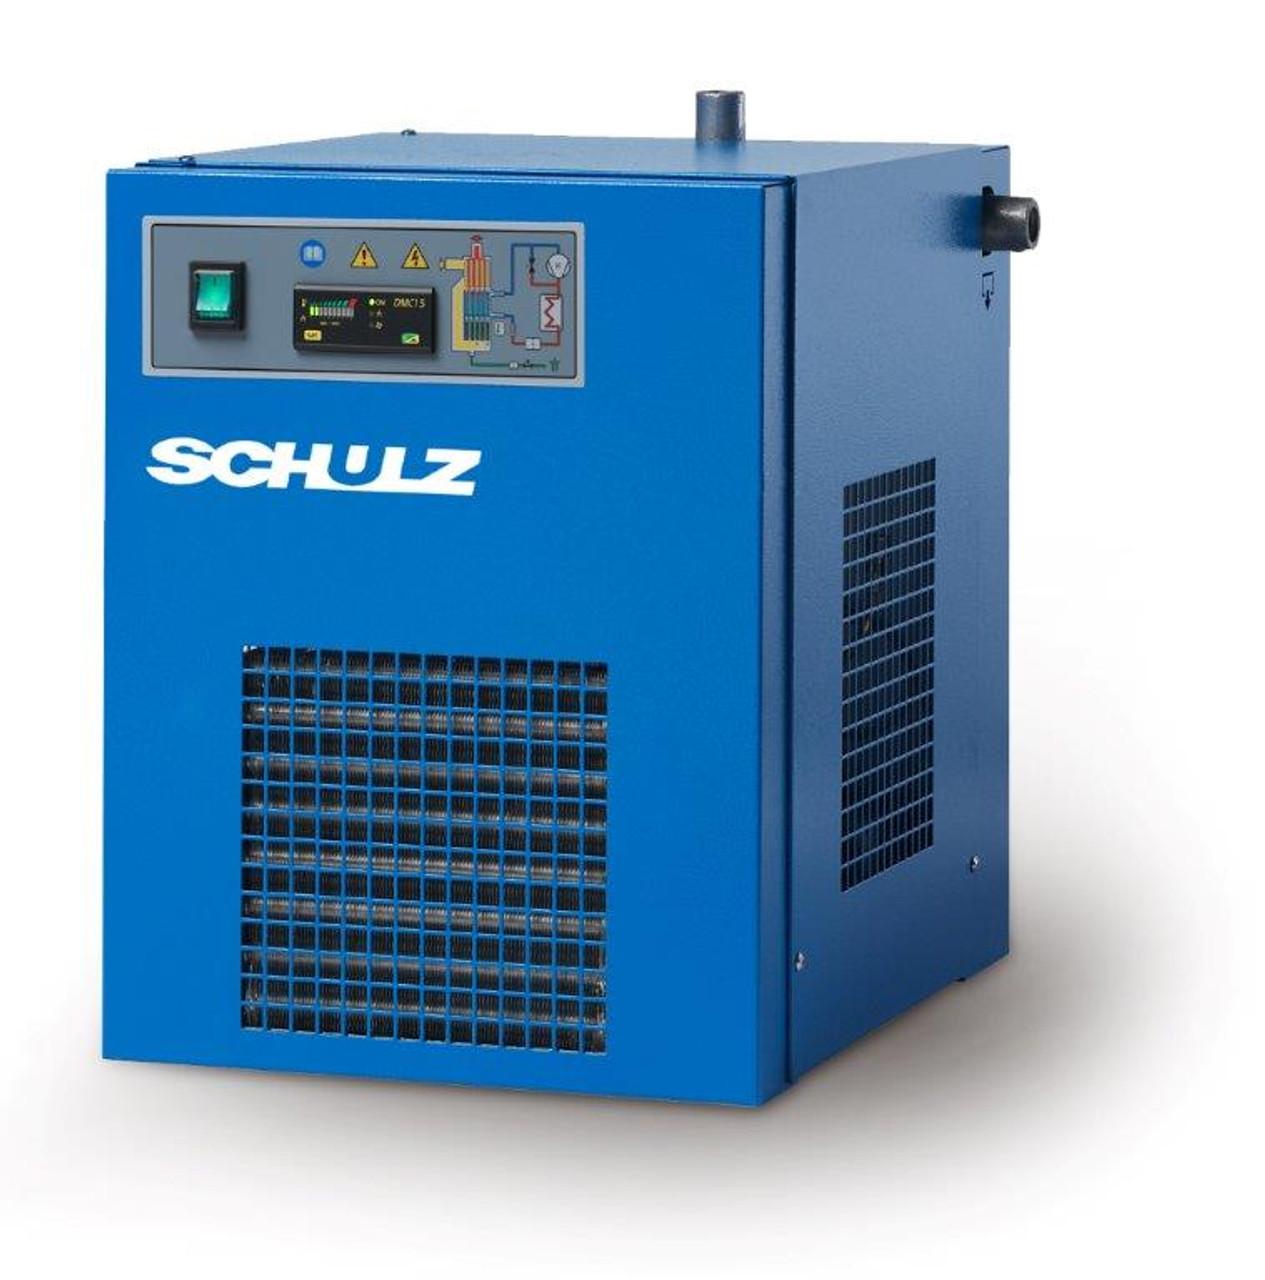 Schulz ADS-150 150 CFM Refrigerated Air Dryer